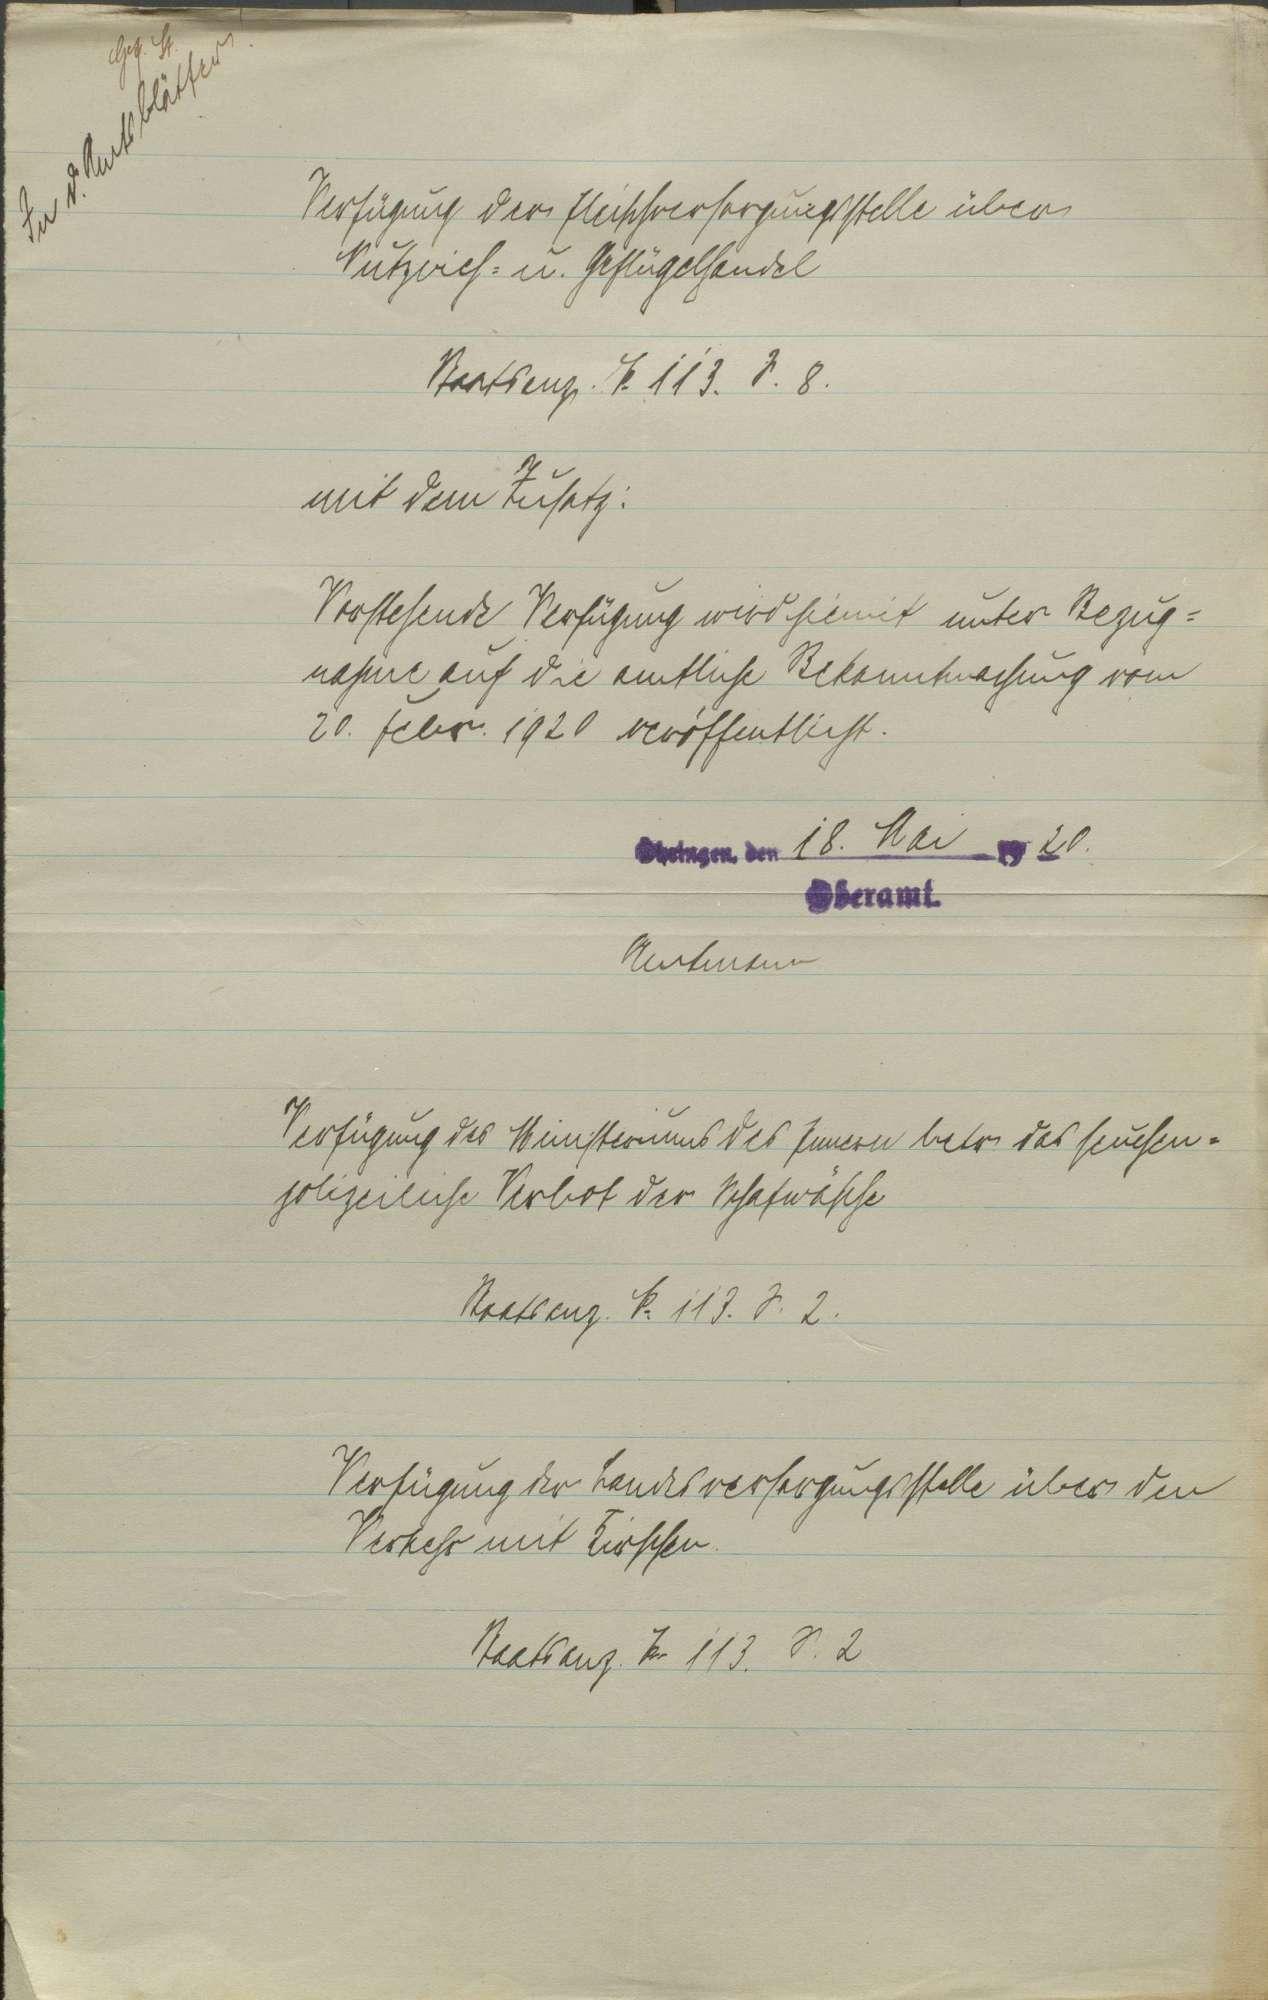 Friedensvertrag, Reparationen an Frankreich und Belgien, Ablieferung von Pferden, Schafen und Ziegen, Bild 2